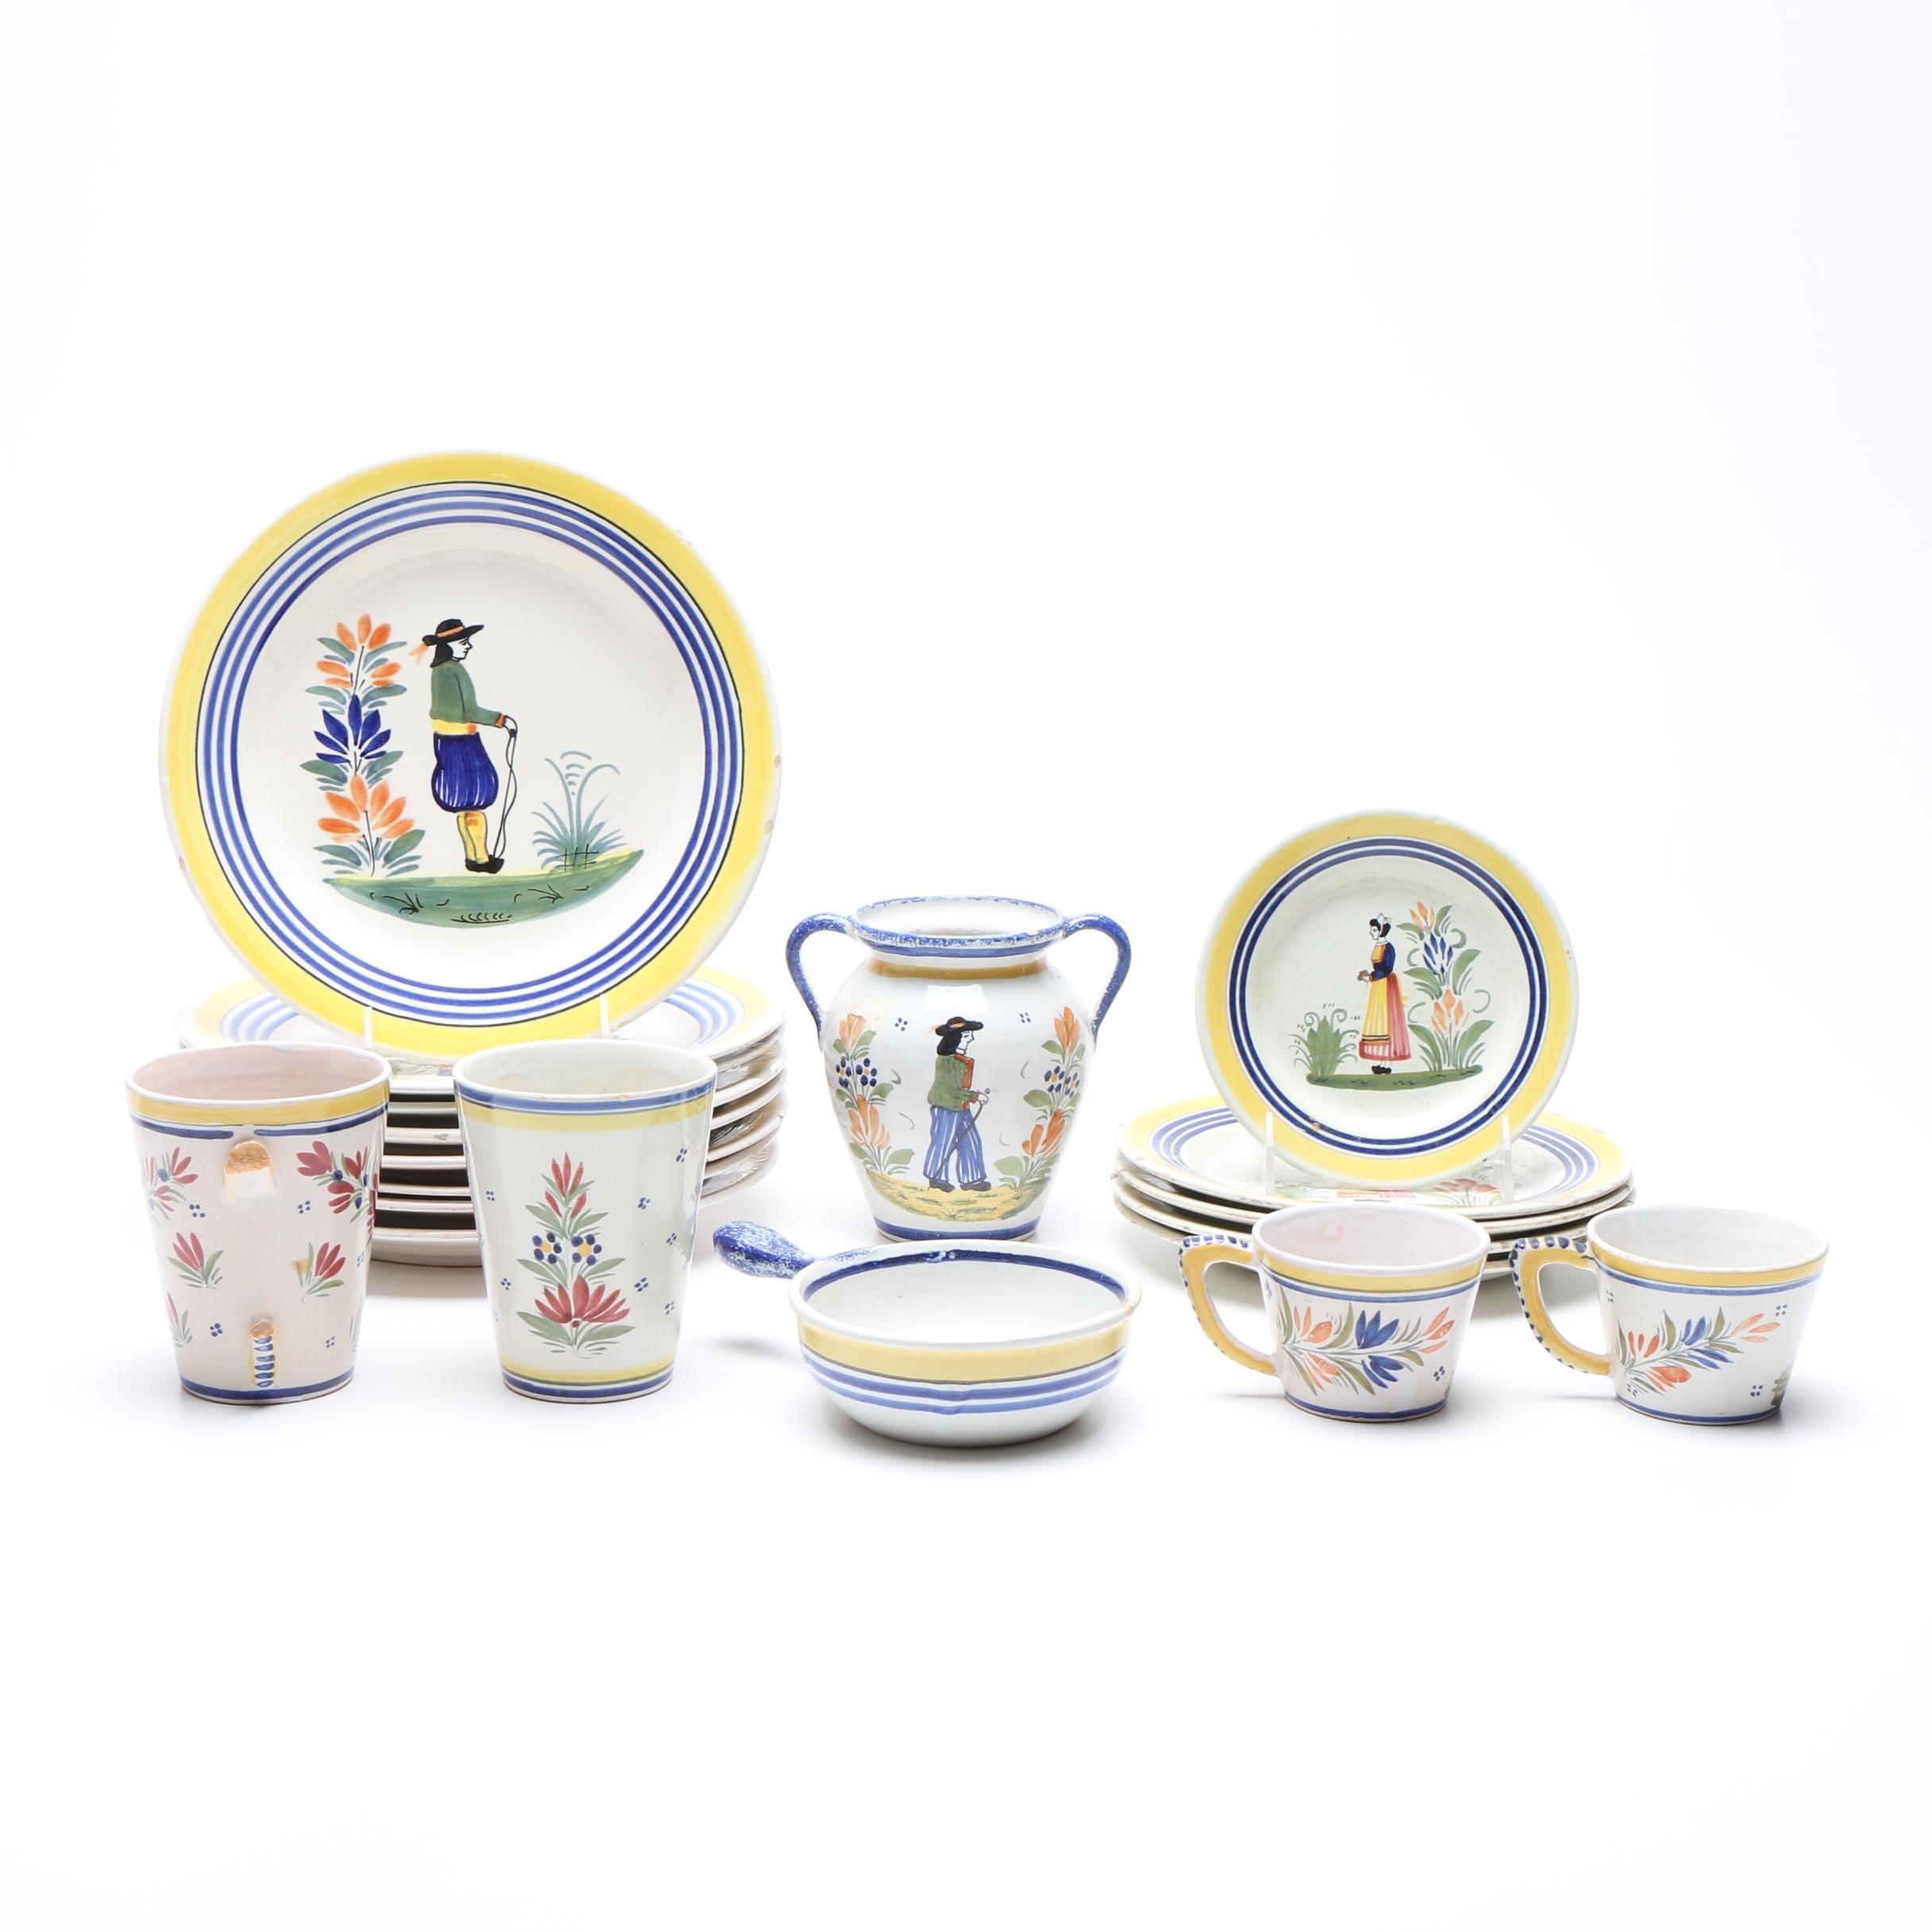 Henriot Quimper Hand-Painted Faïence Dinnerware